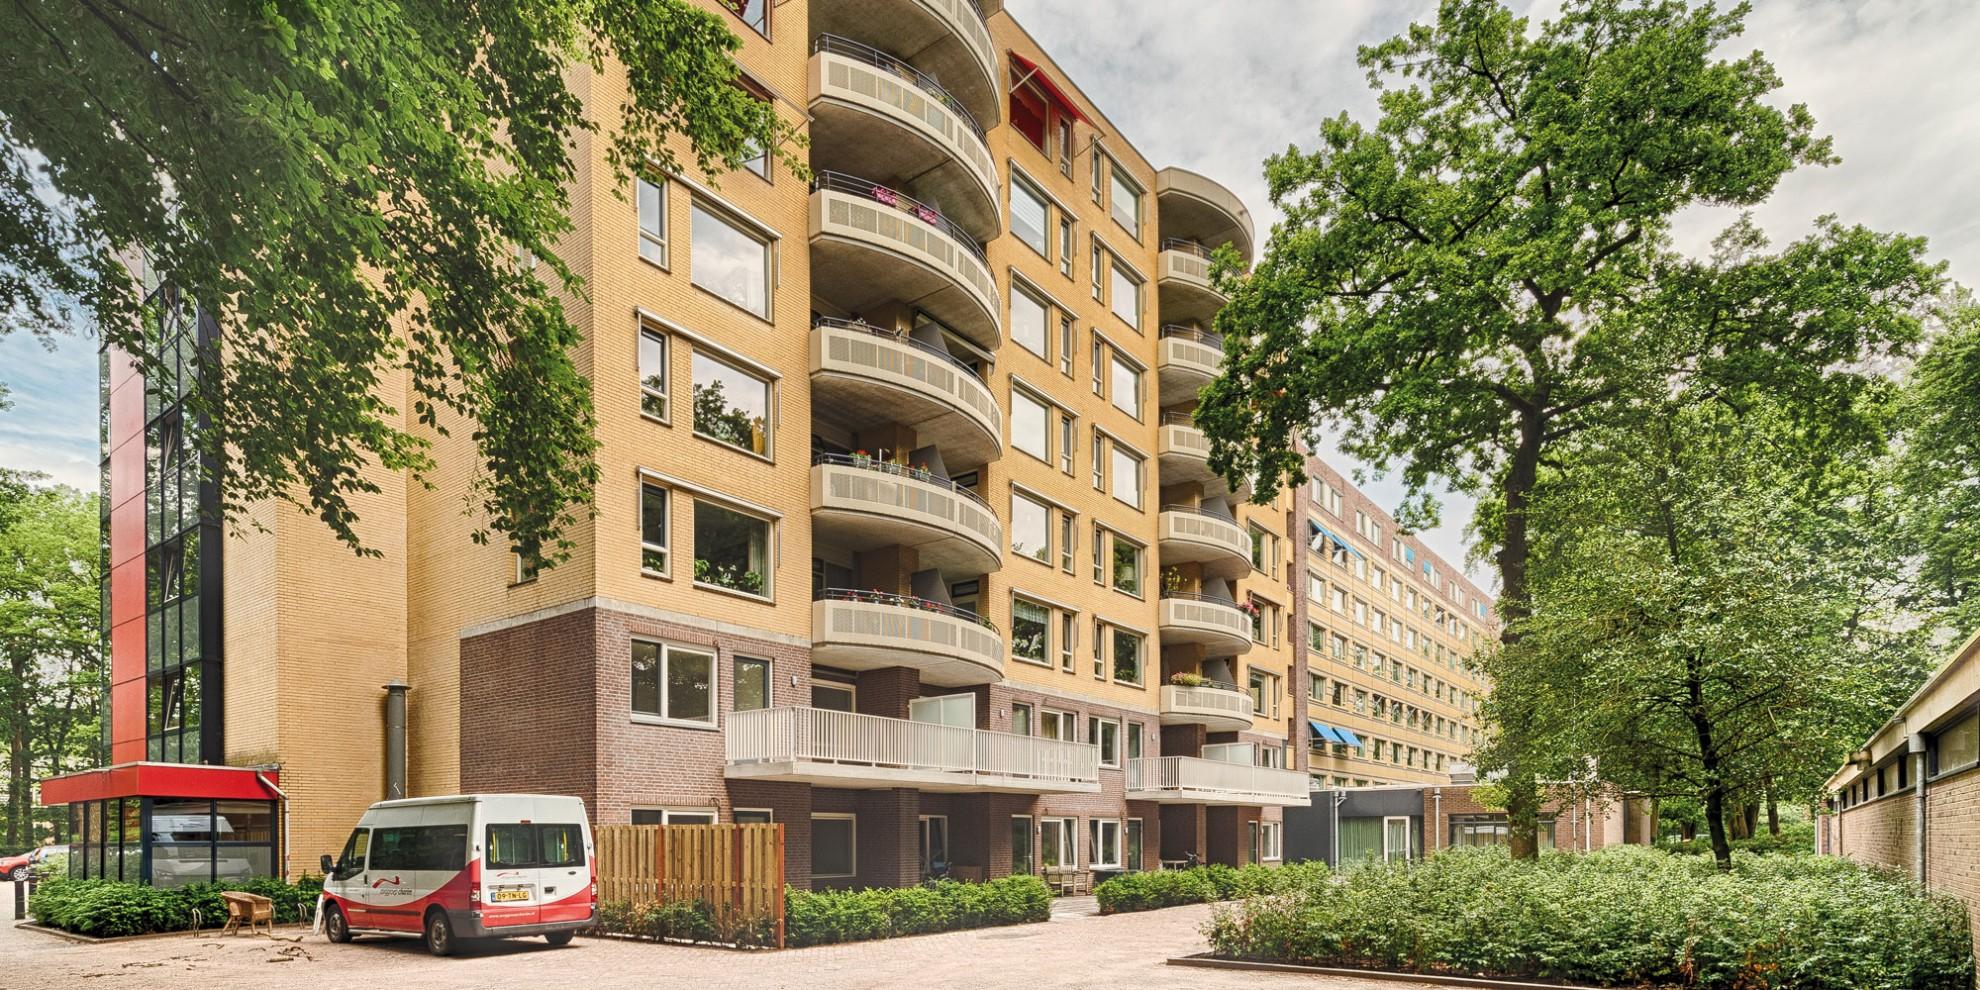 Woonzorgcentrum Zeist | Mirtehof en Bladerkroon